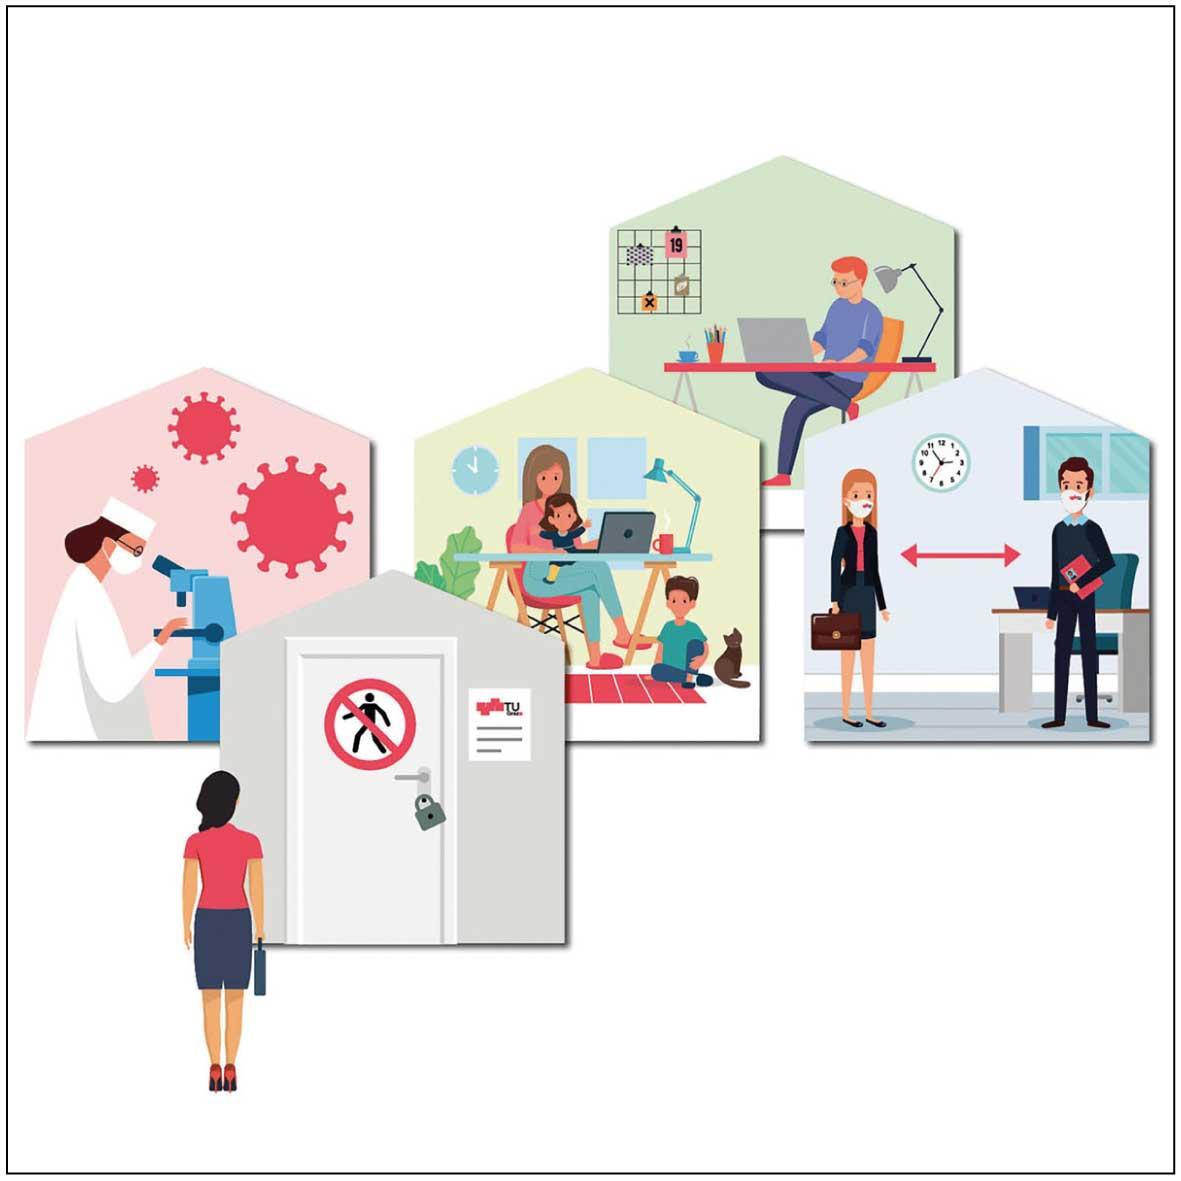 Auf den fünf verschiedenen Icons sind u. a. Homeoffice-Situationen zu sehen.